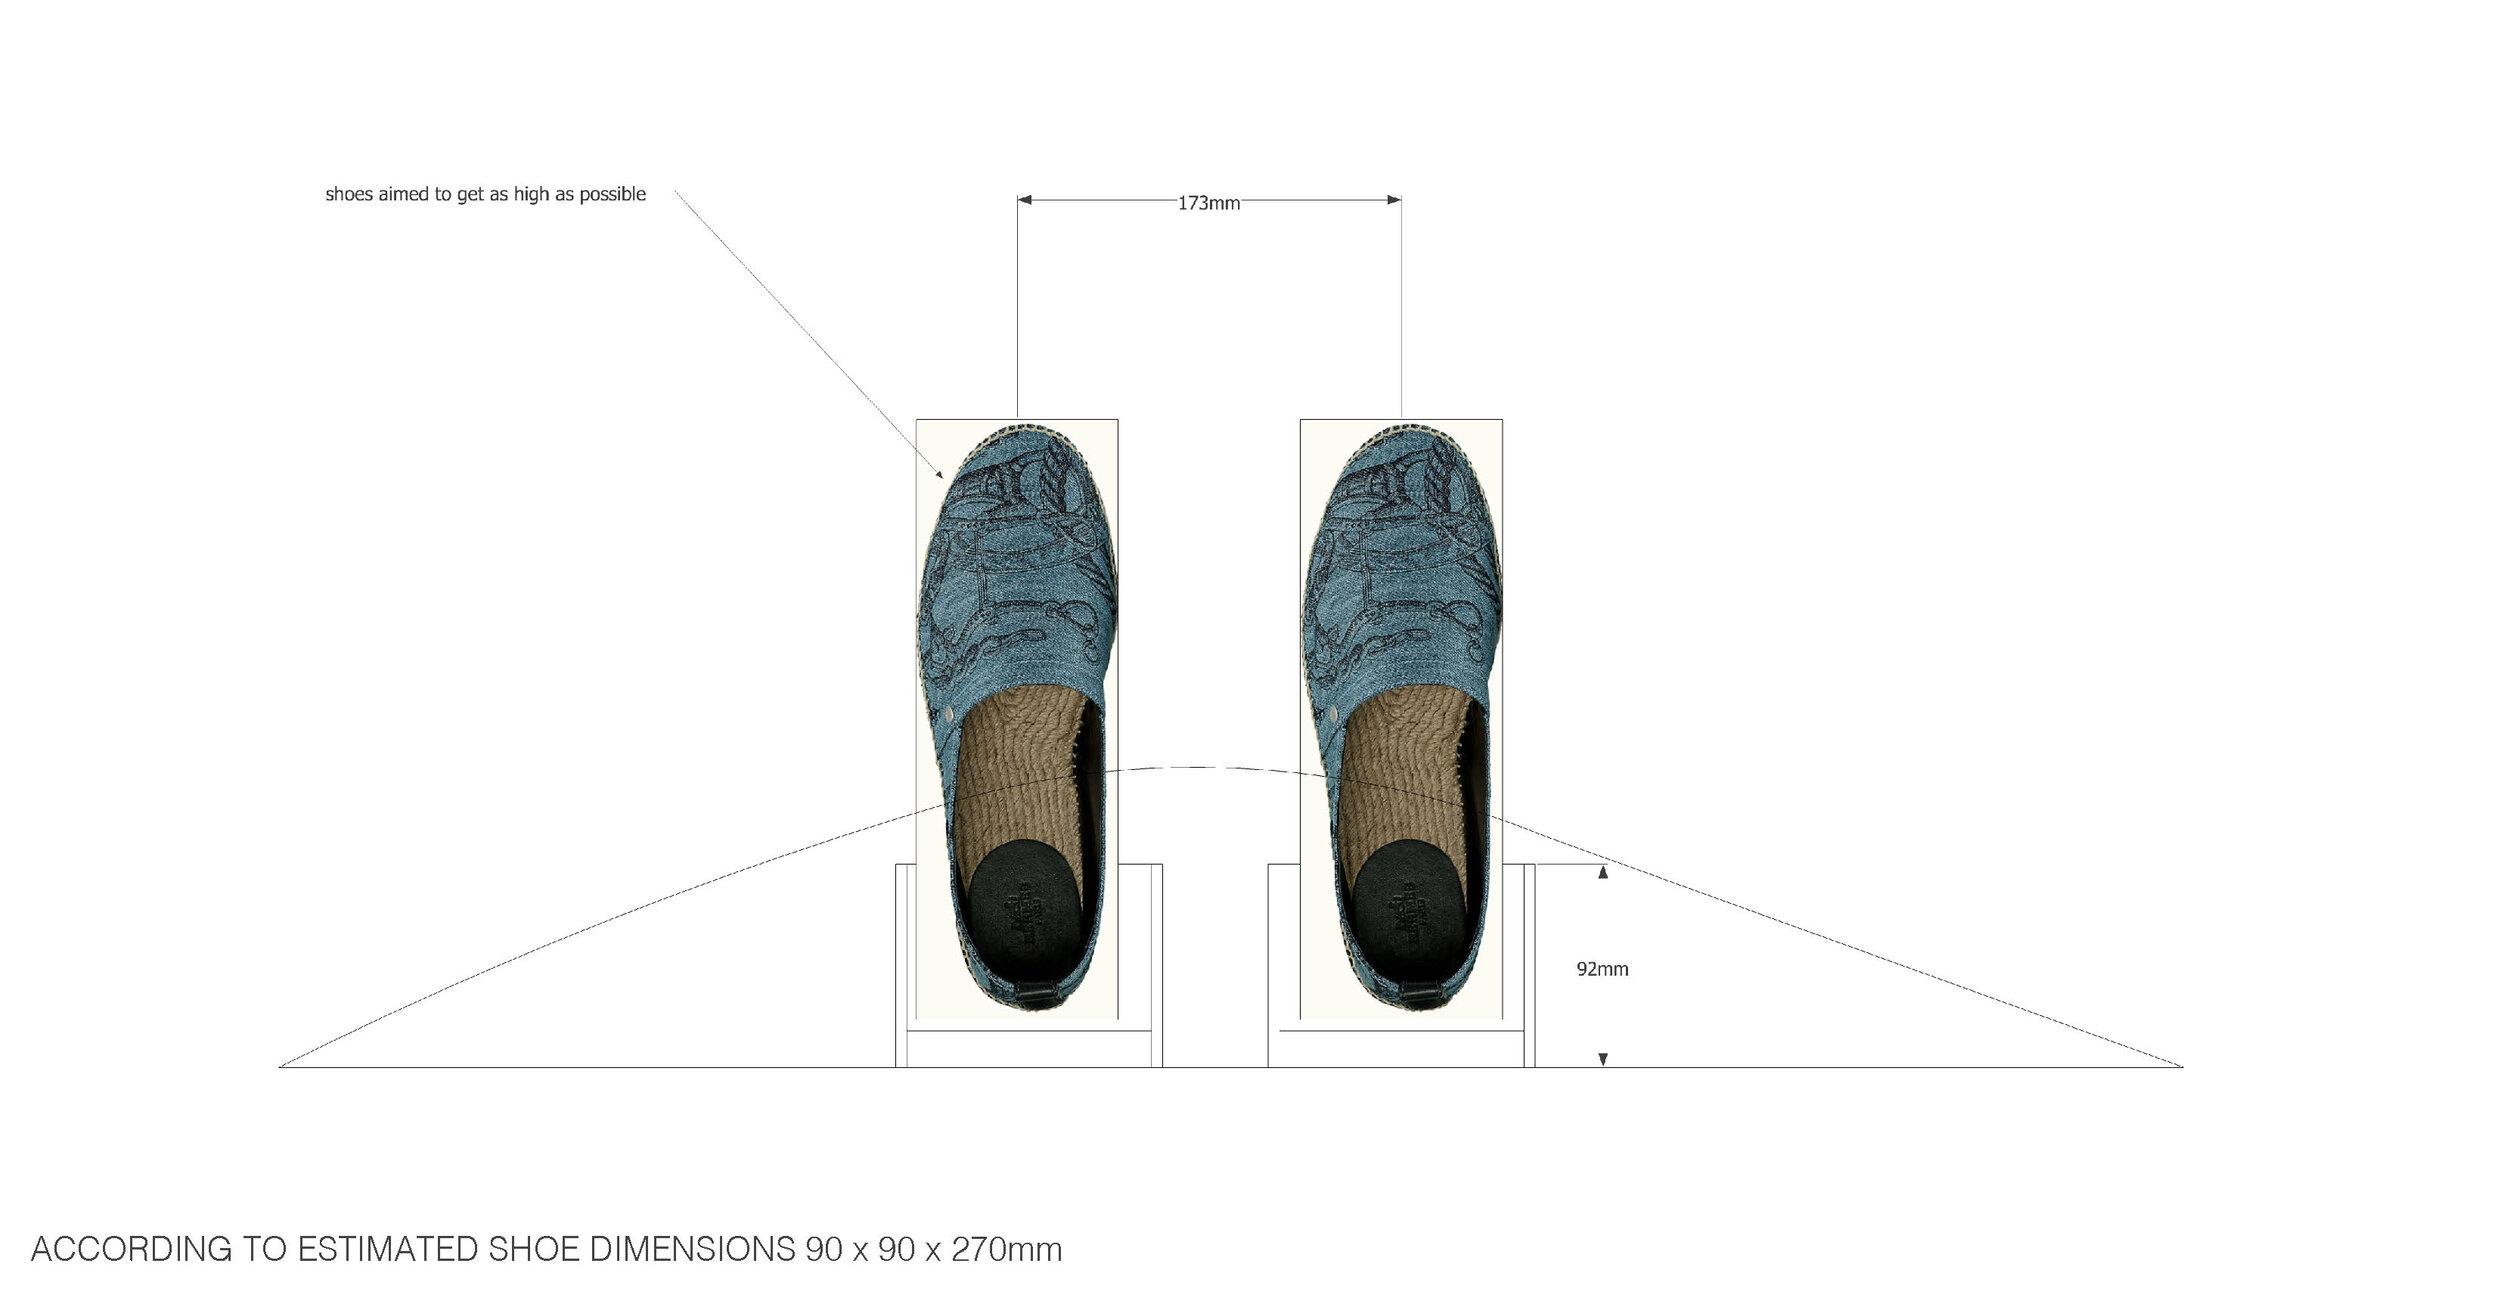 Hermès_Dimensions_Window 4_Revised_Page_07.jpg